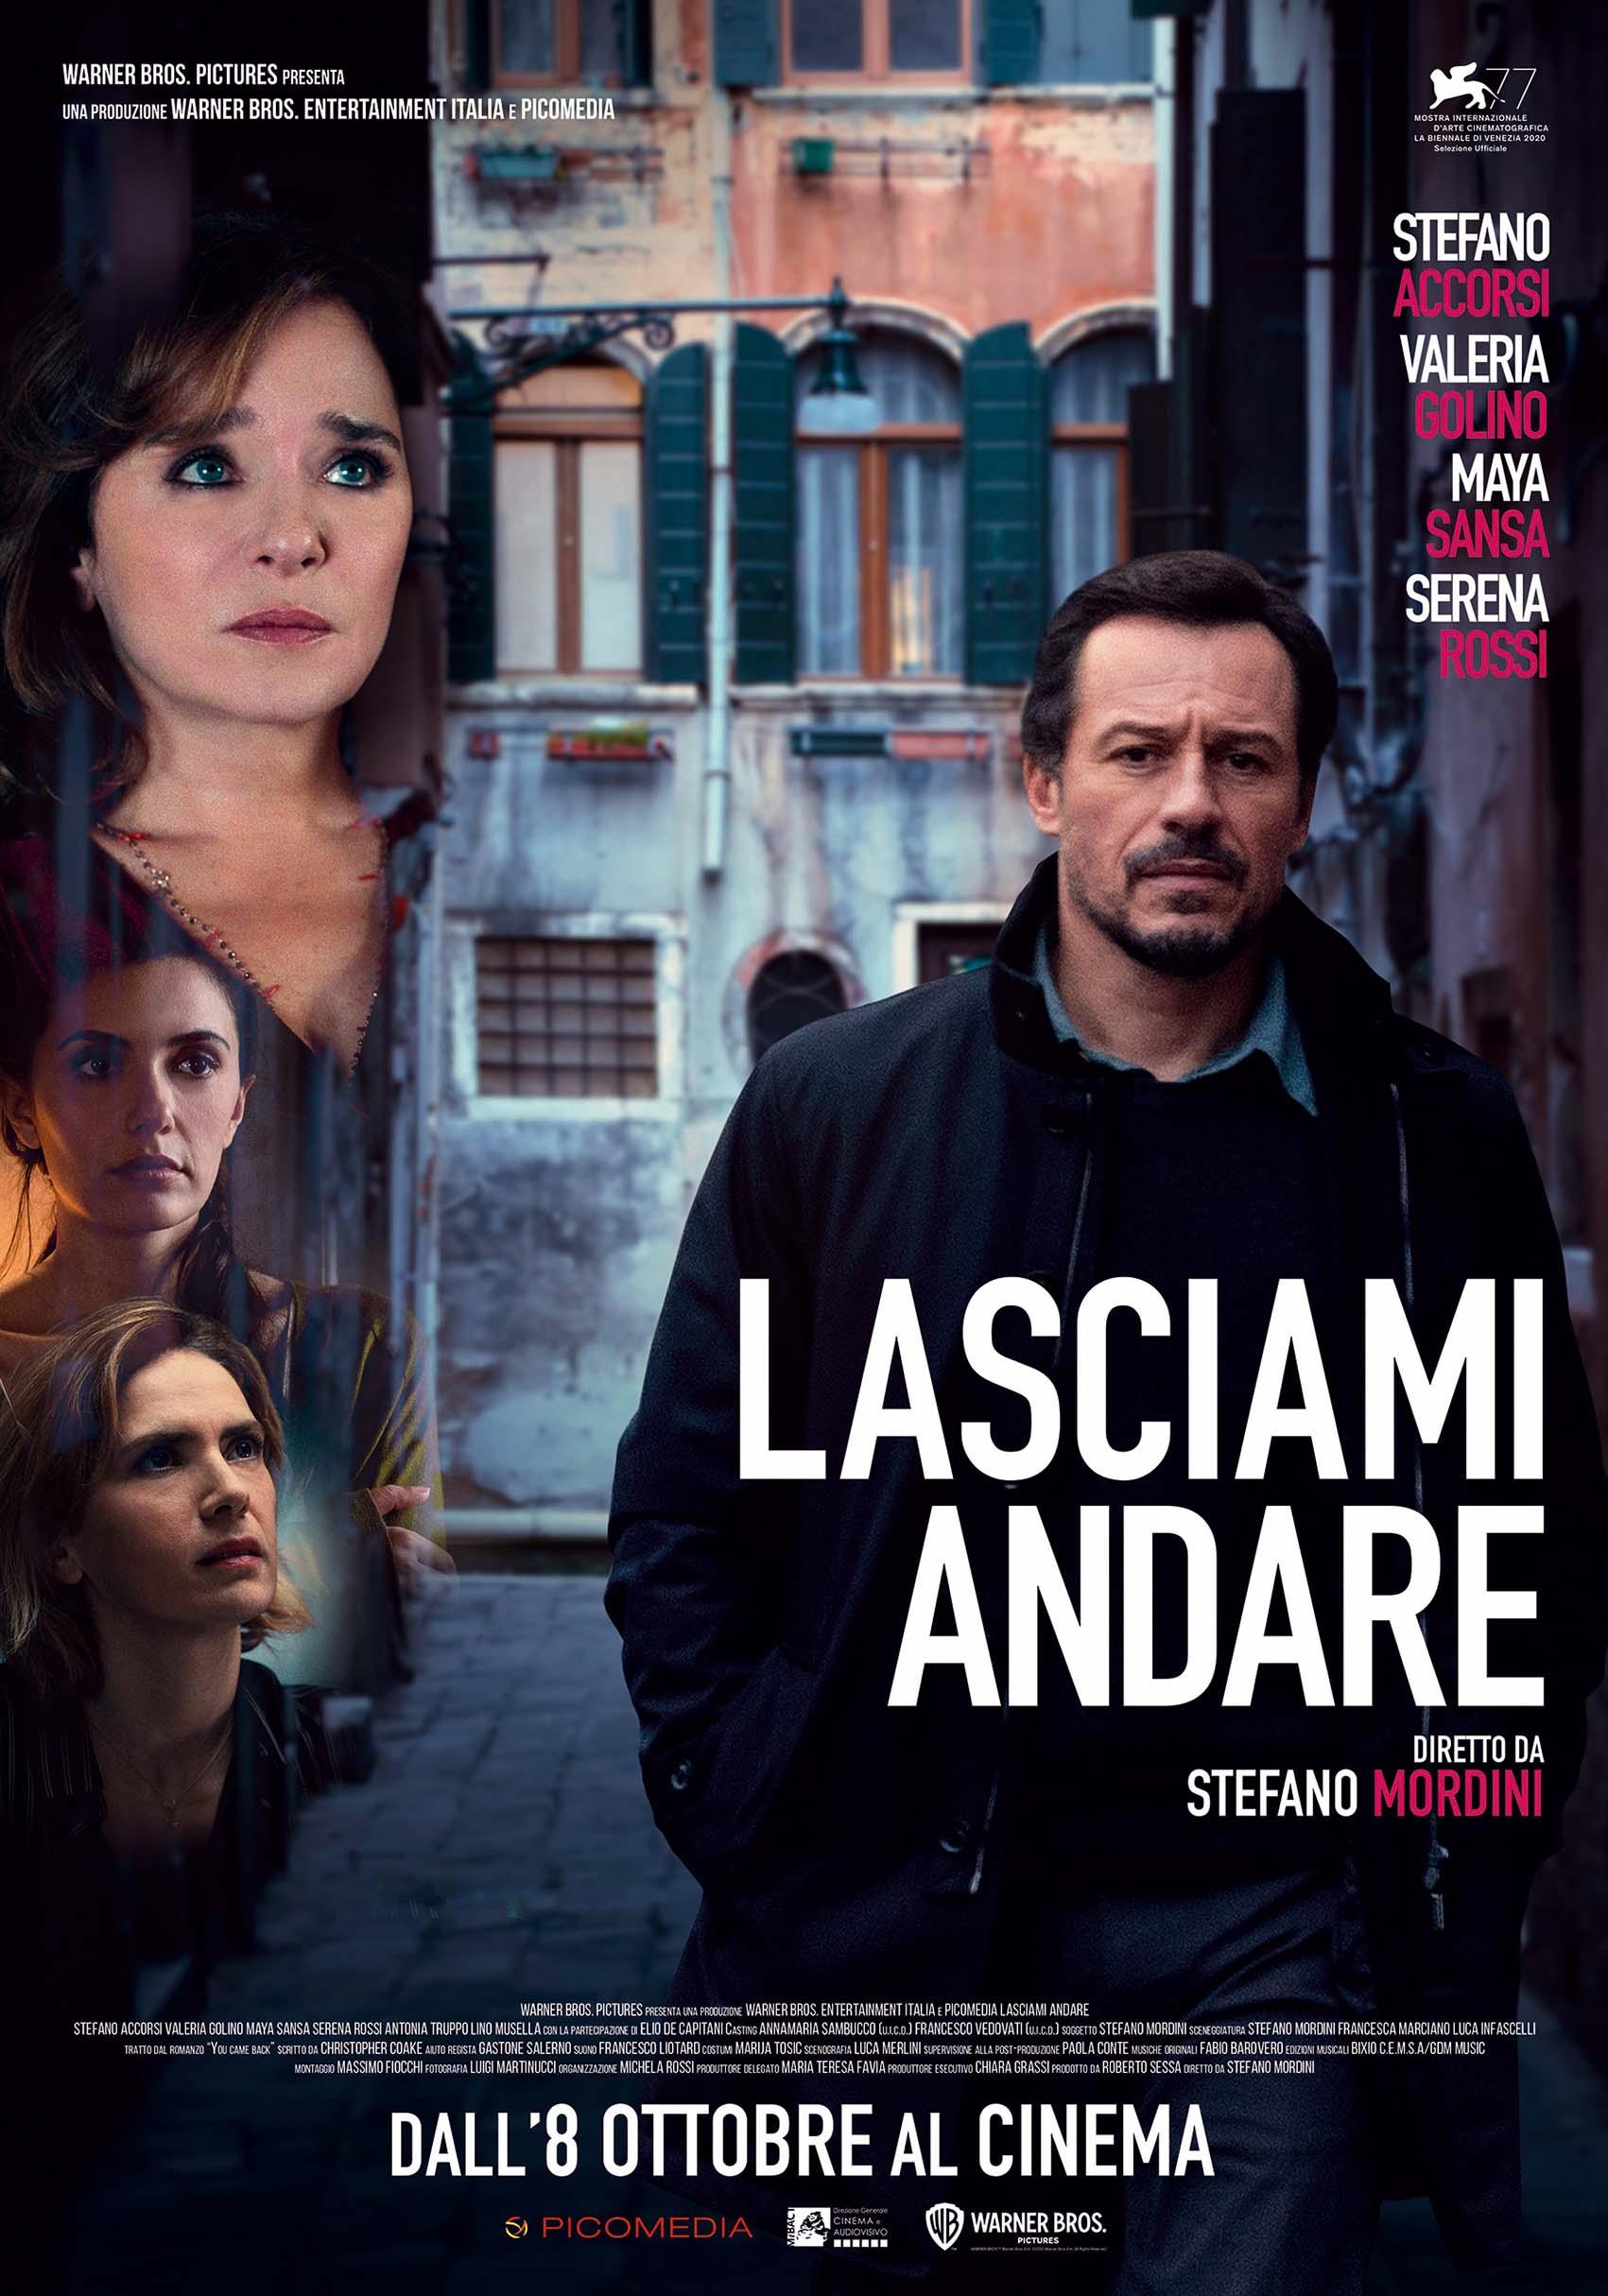 Loc_Lasciami_Andare